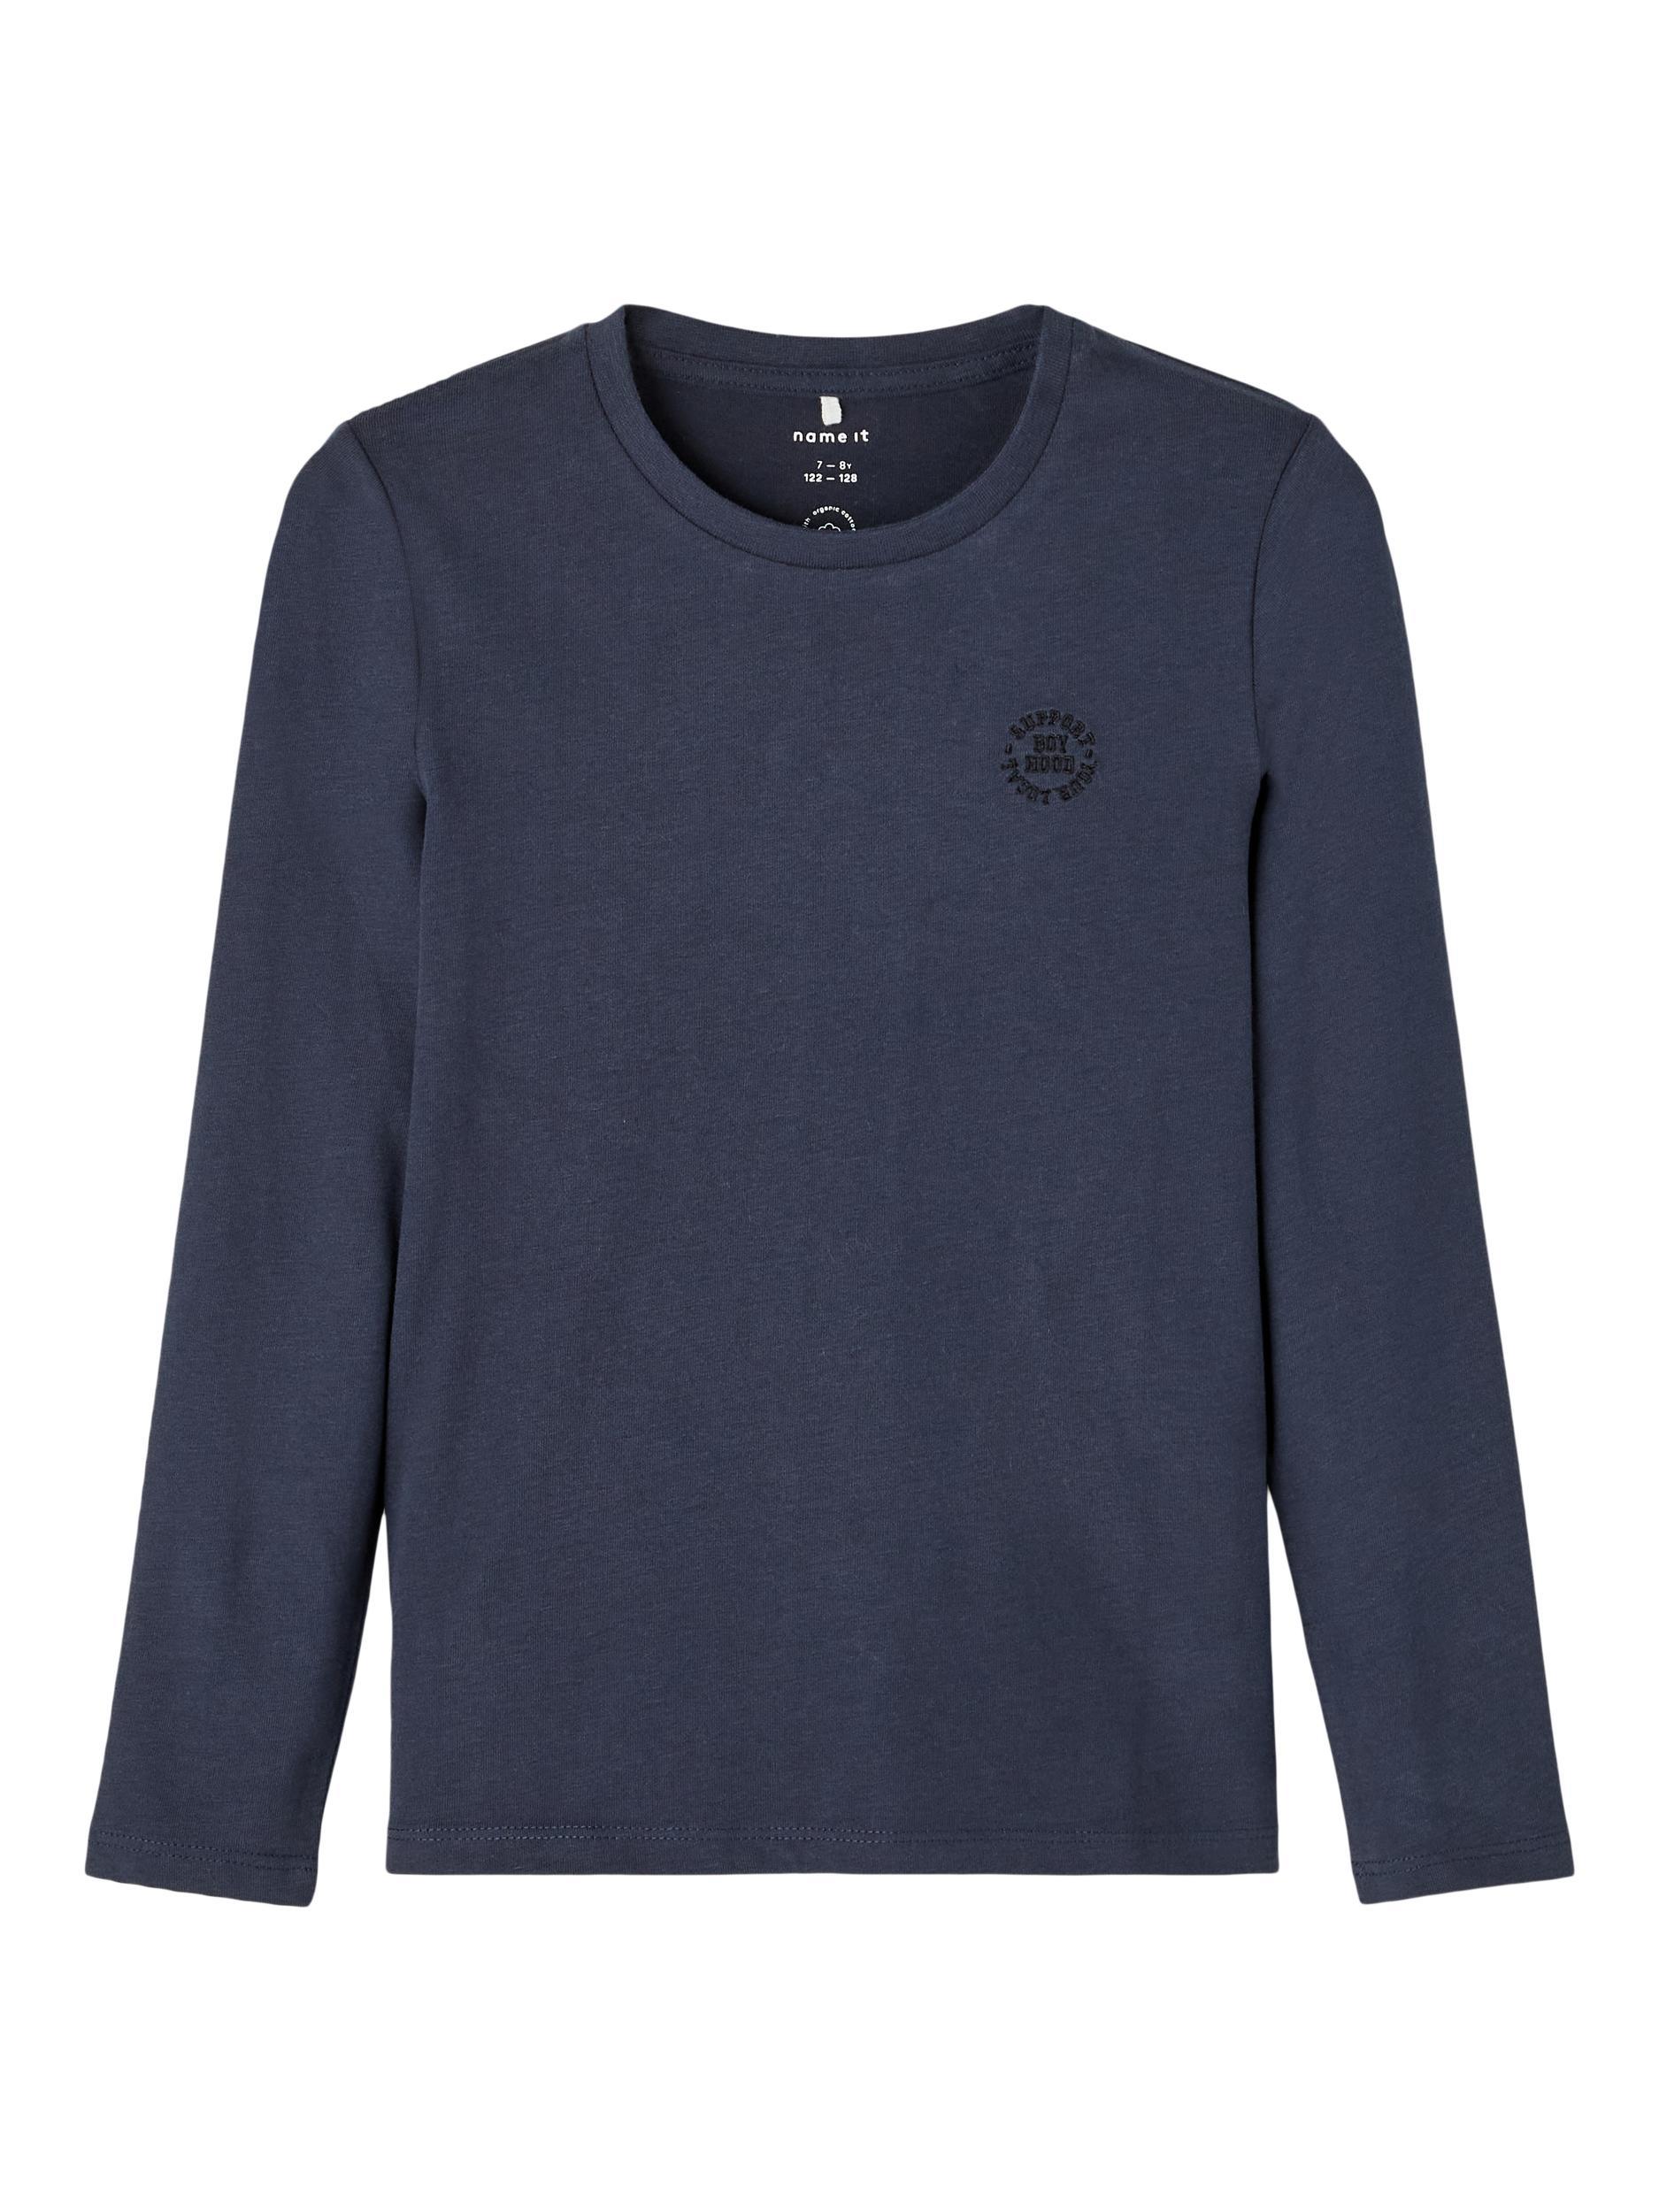 Name It Tano LS t-shirt, dark sapphire, 134-140